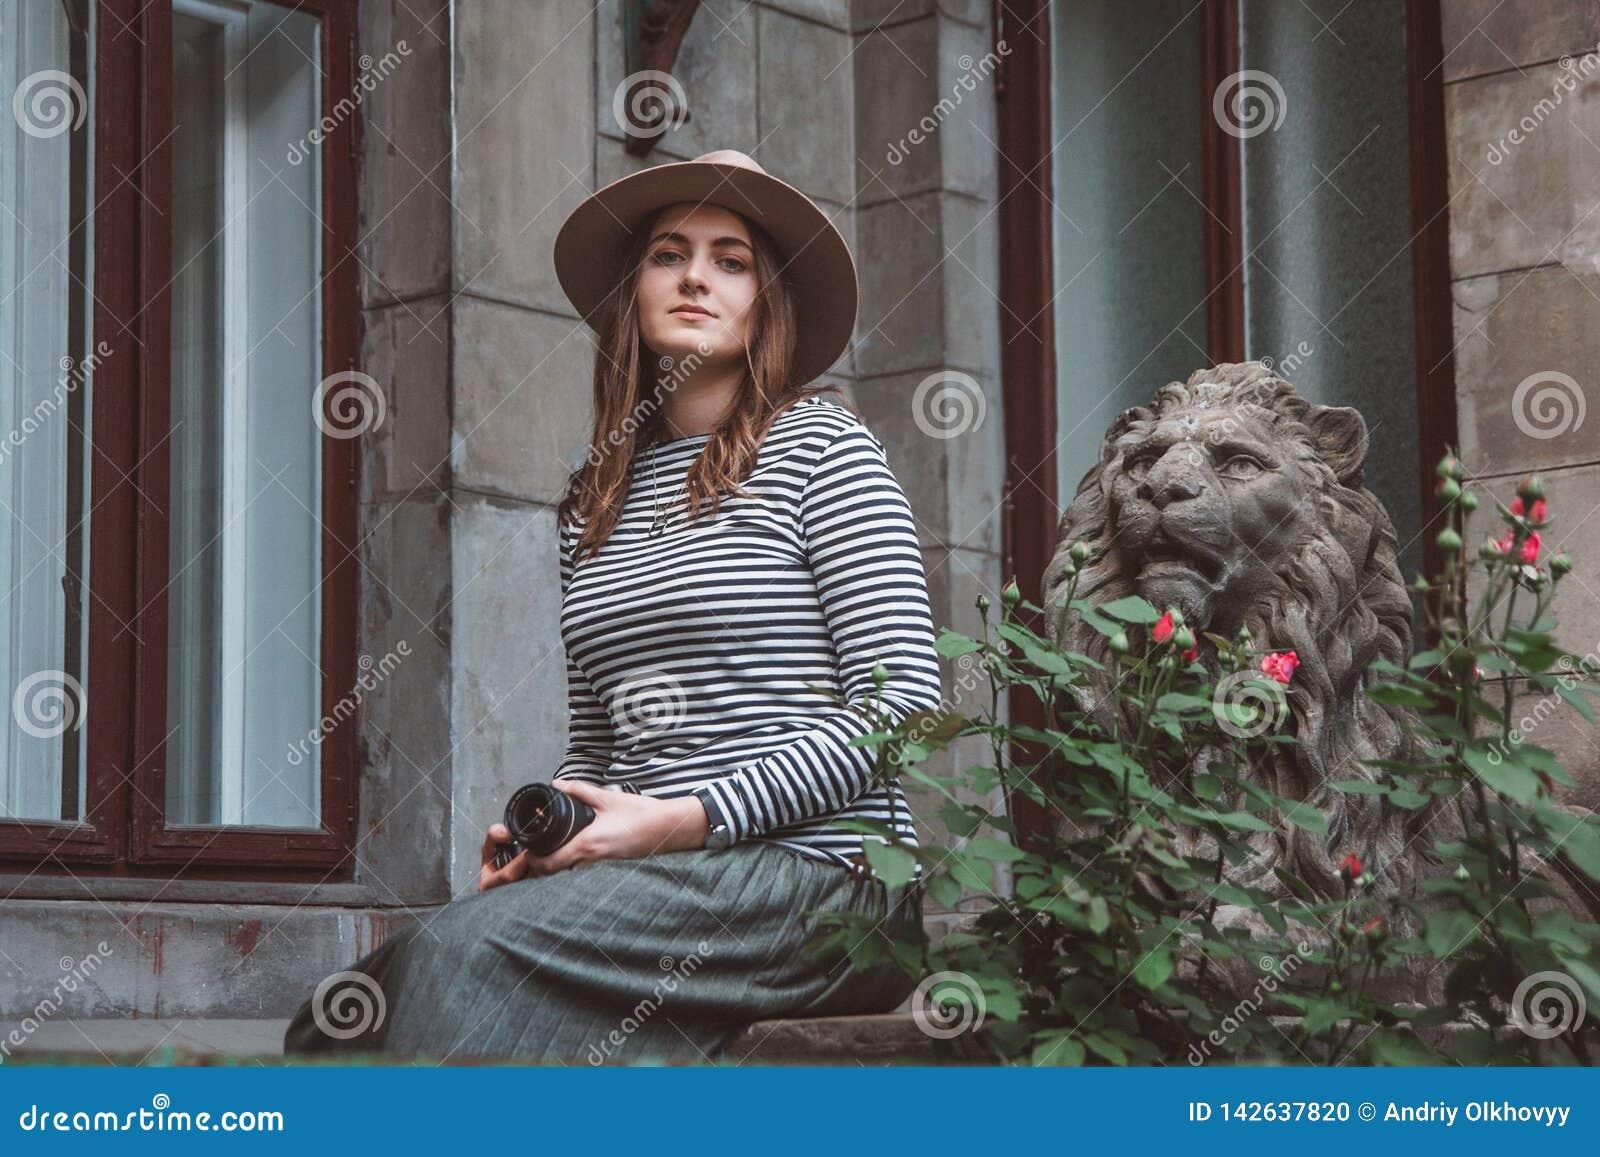 Красивая женщина в striped рубашке и шляпе Держит камеру около статуи льва на фоне старой